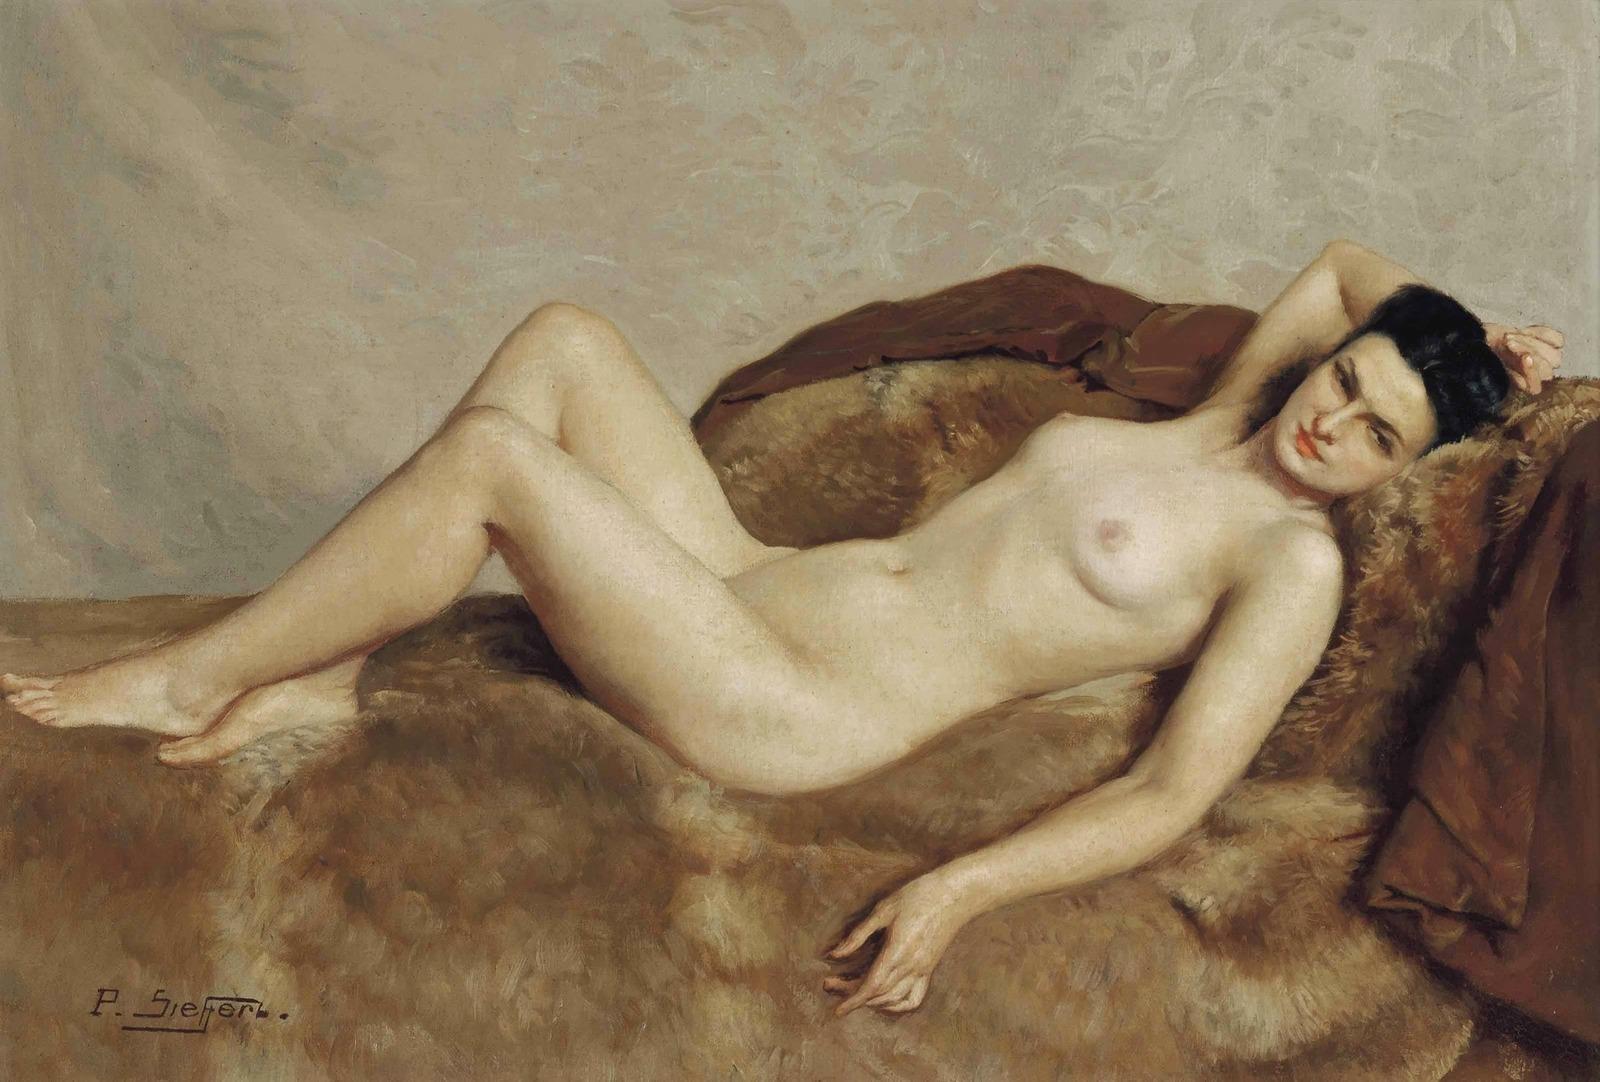 Поль Зиффер. №572. Лежащая обнаженная (Reclining Nude). 38 x 55. Холст, масло. Частное собрание.